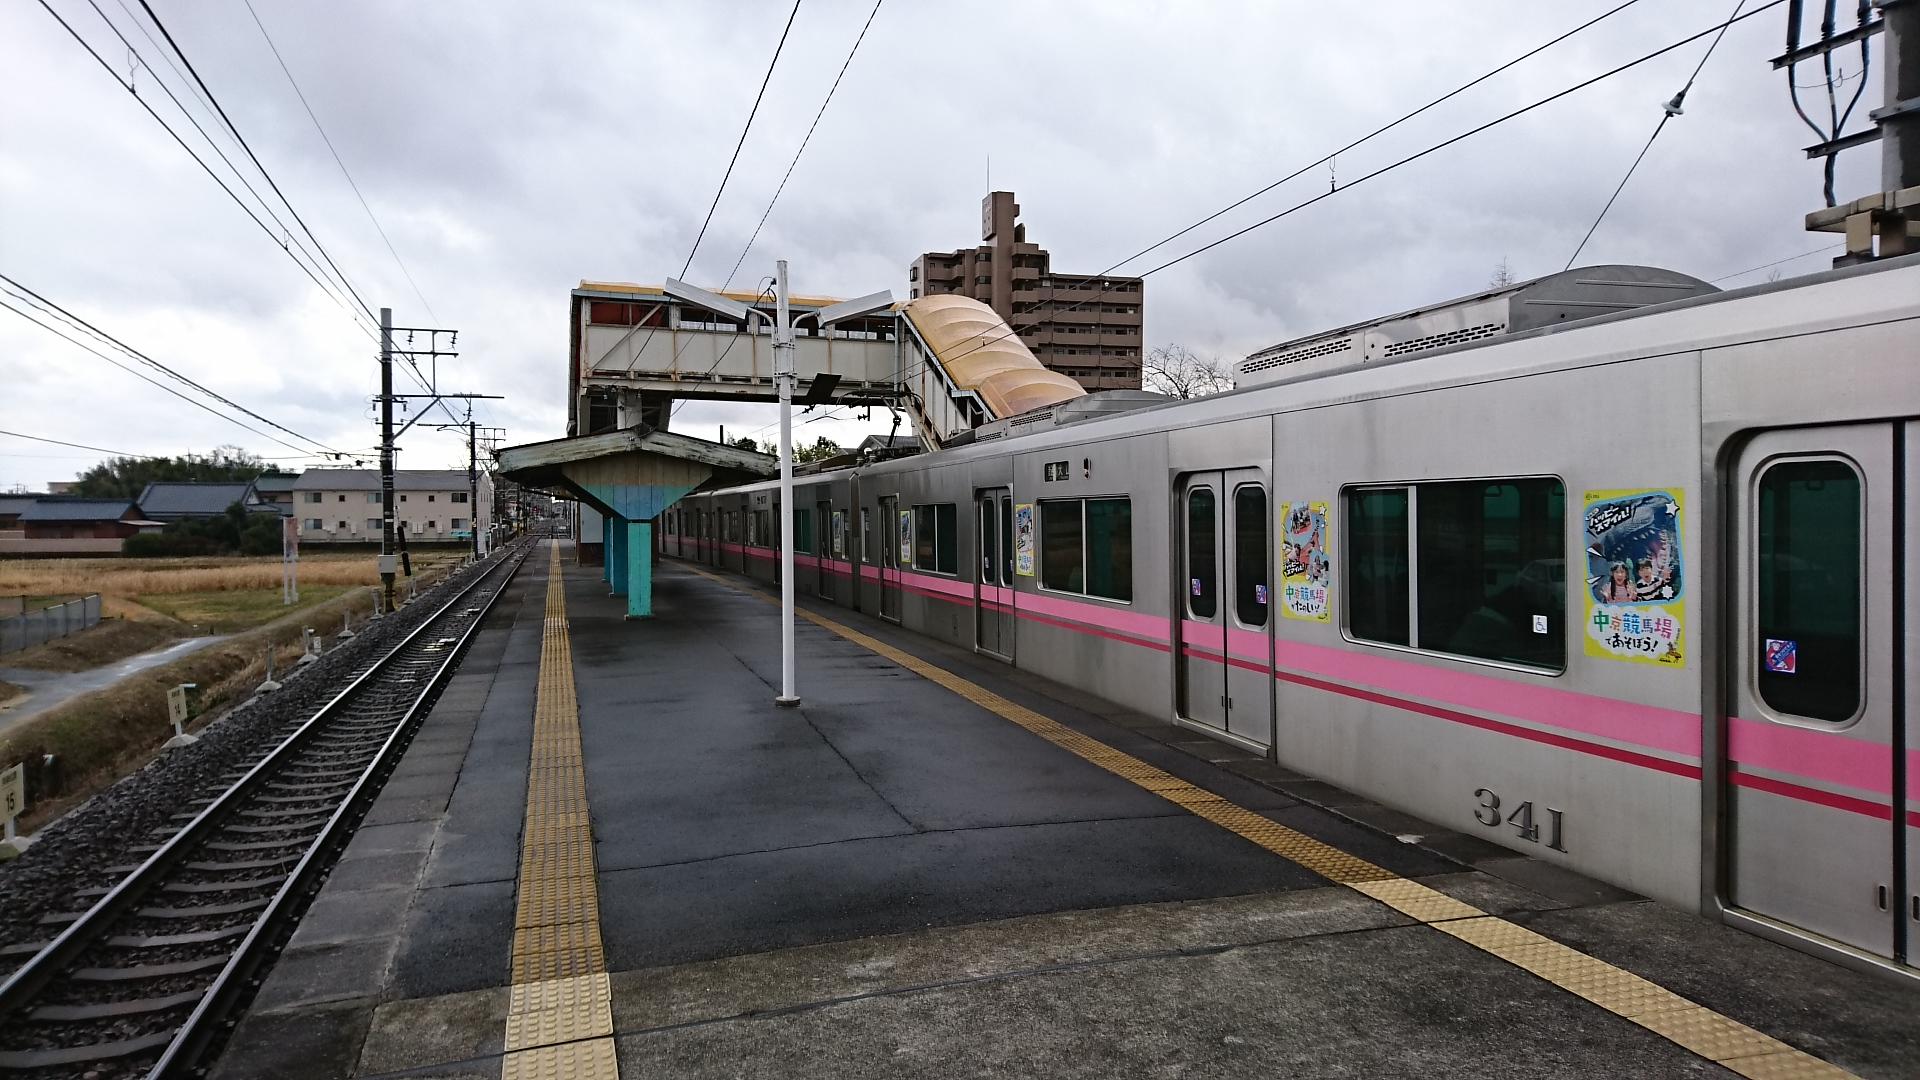 2017.1.13 名古屋から春日井まで (36) 春日井 - 犬山いきふつう 1920-1080